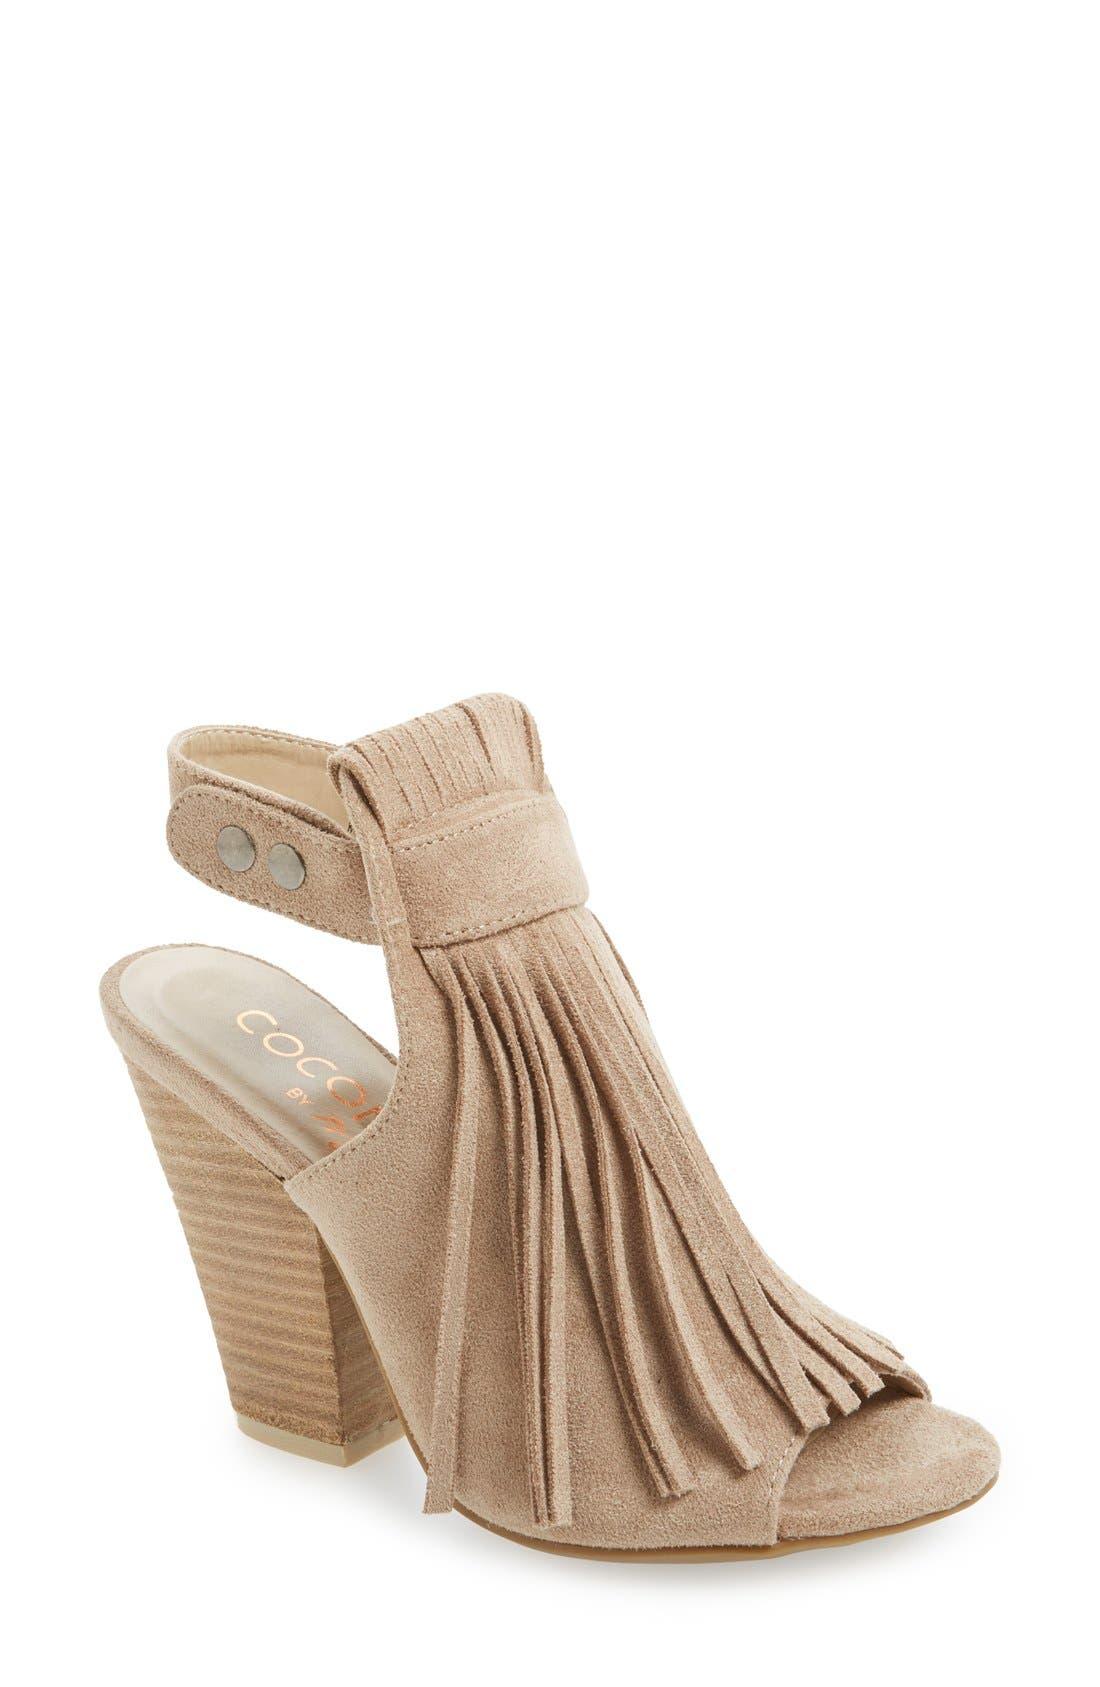 Alternate Image 1 Selected - Matisse 'Skye' Fringe Sandal (Women)